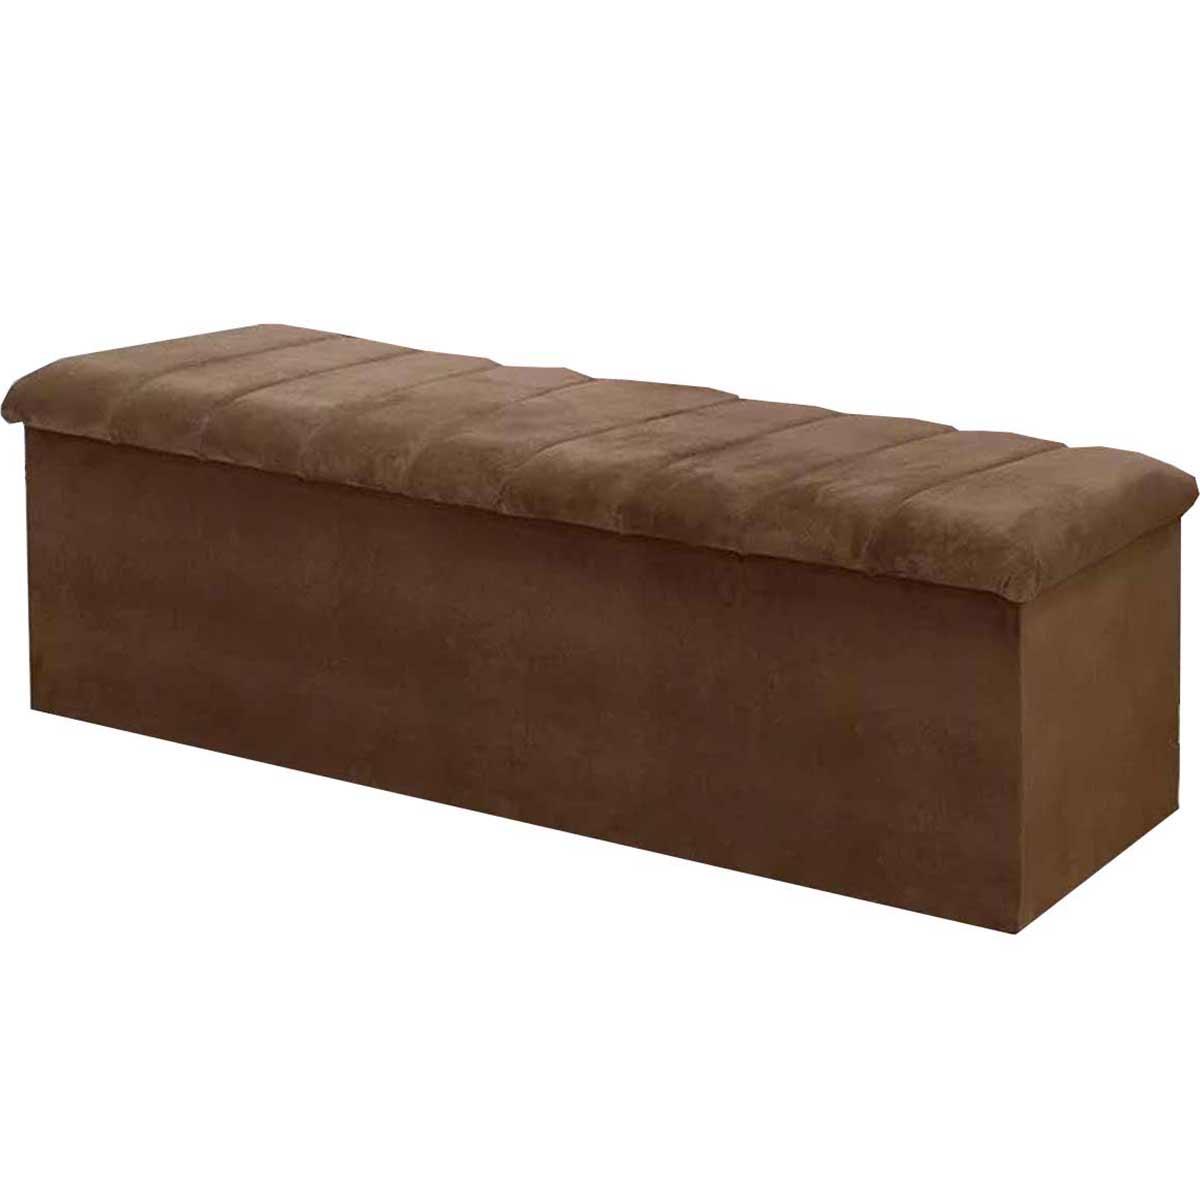 Calçadeira com Baú Condessa 140 cm Animale Chocolate Simbal